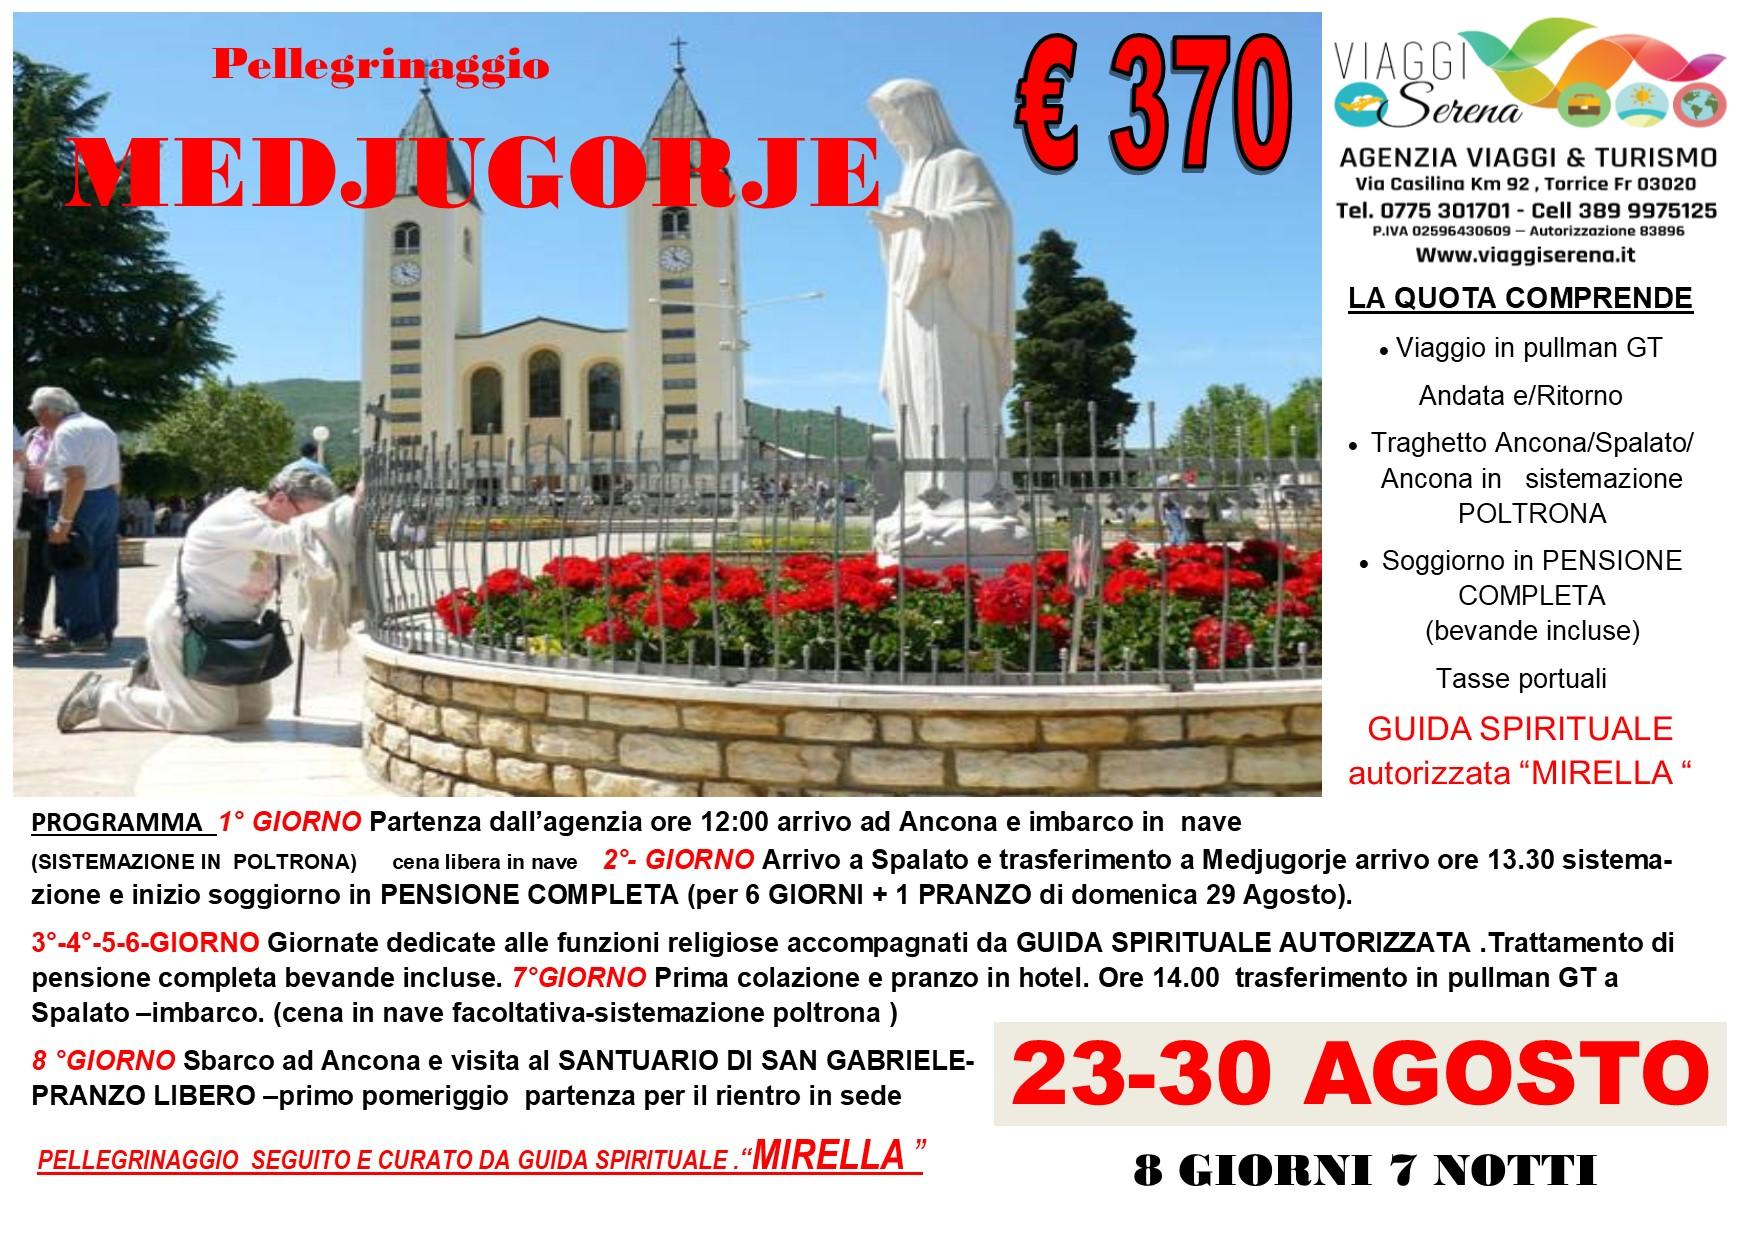 Viaggi di Gruppo: pellegrinaggio Madonna di MEDJUGORIE 23-30 Agosto  € 370,00